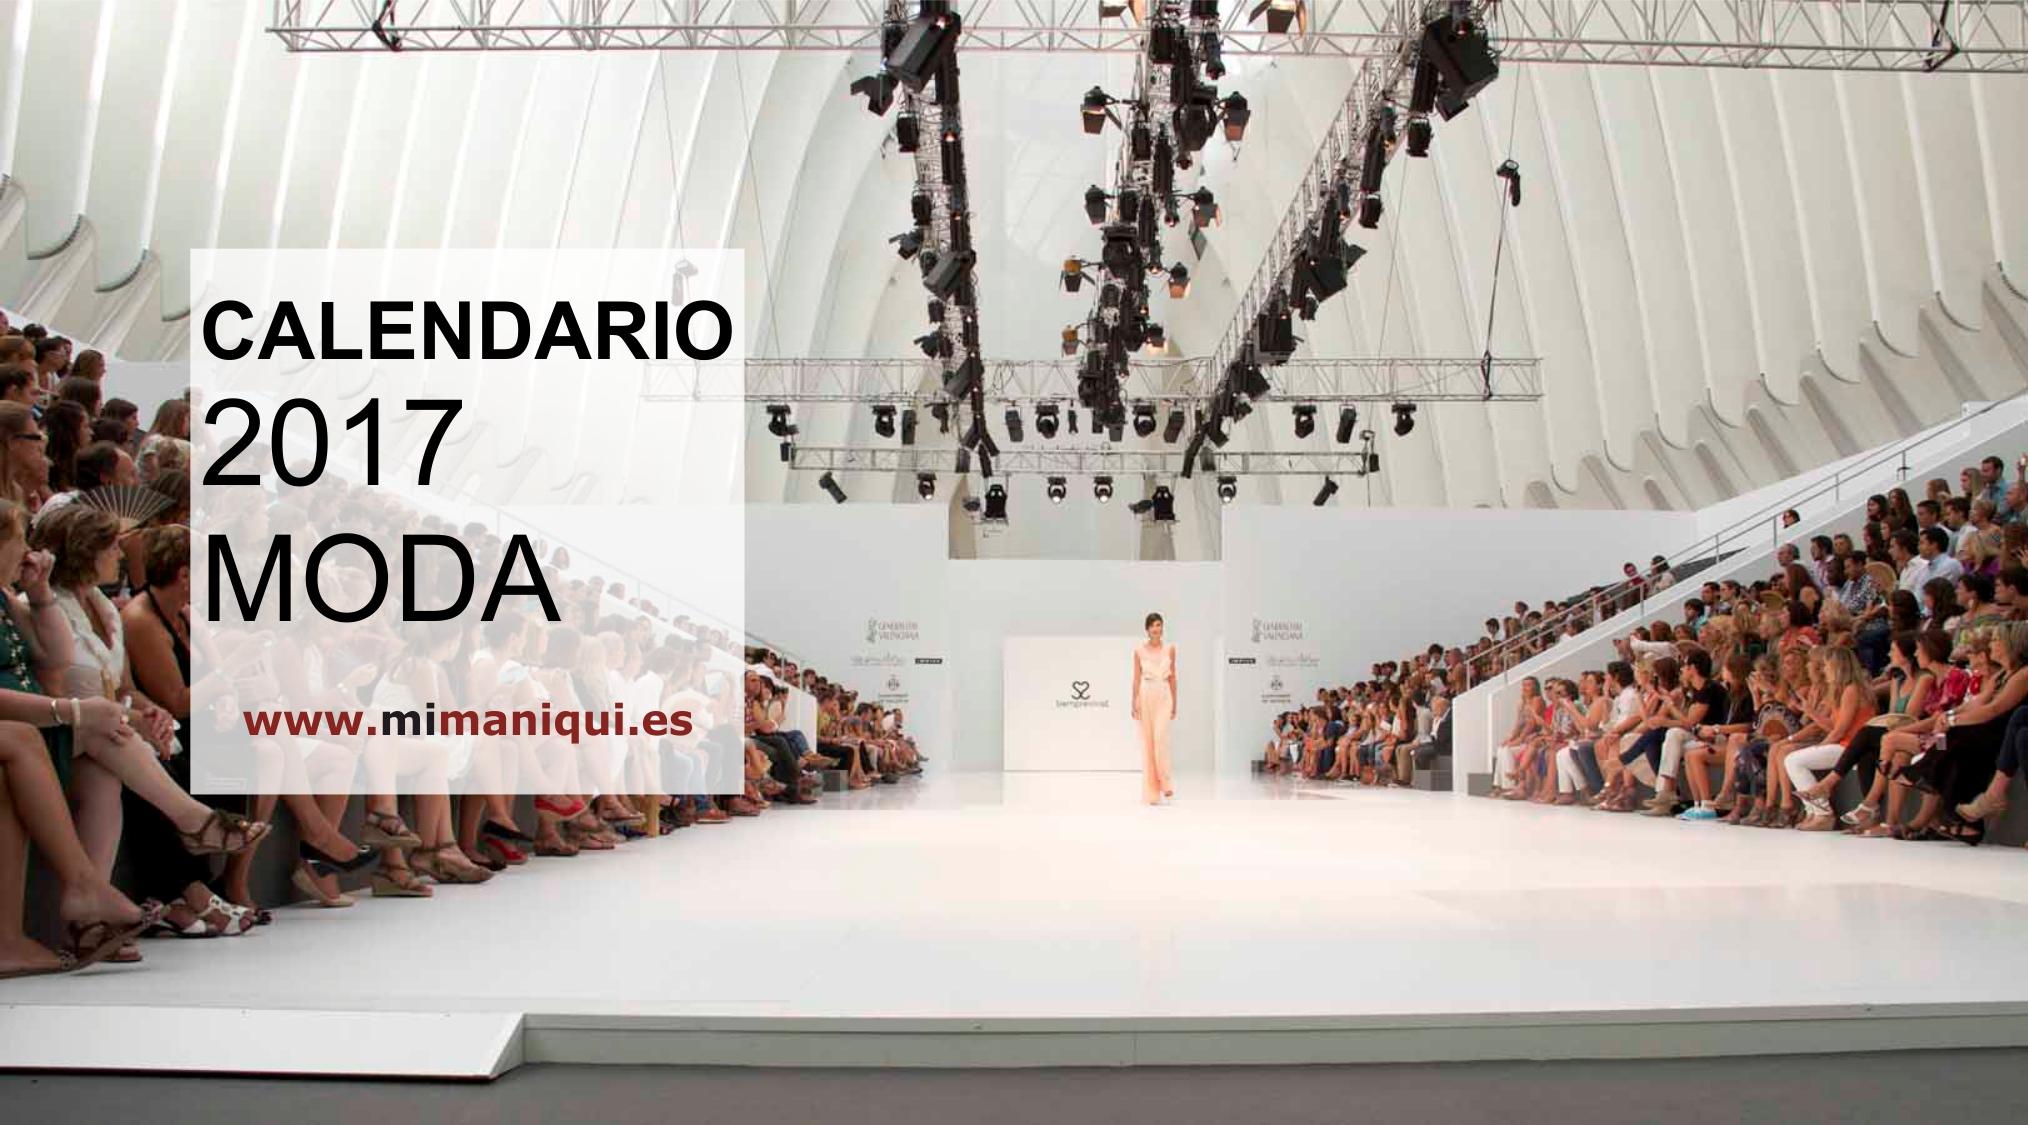 CALENDARIO MODA